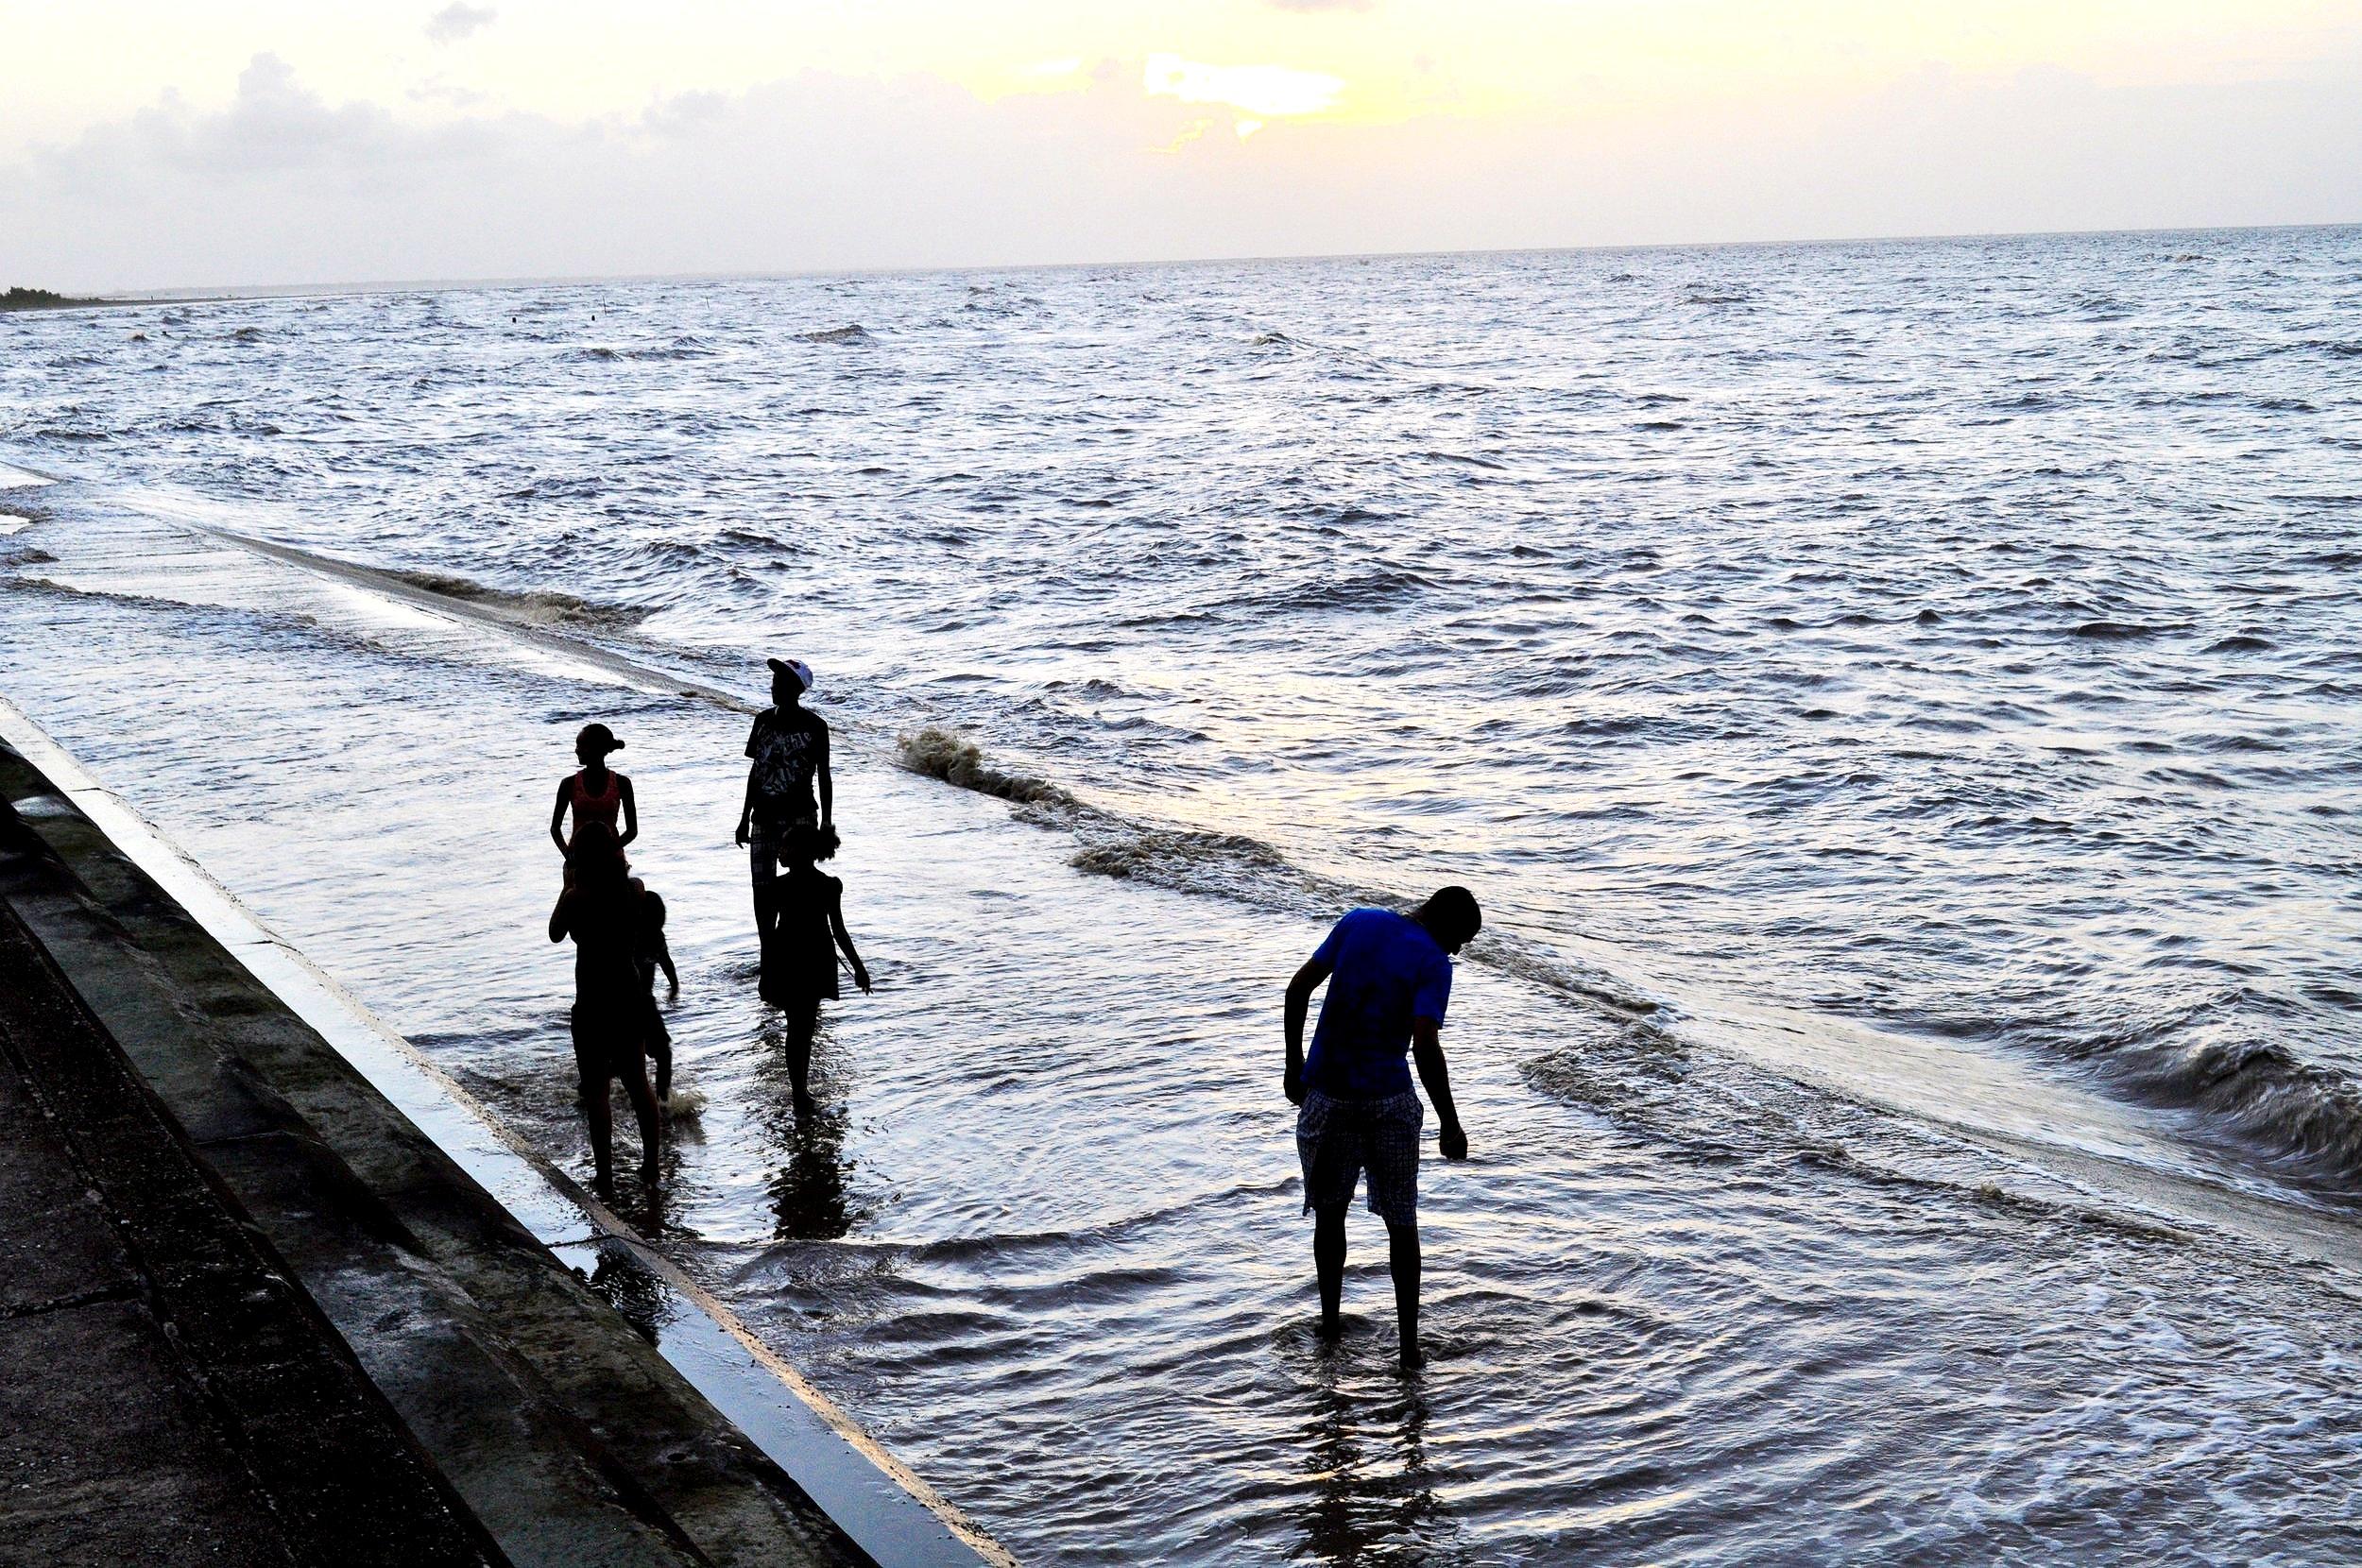 GEORGETOWN, GUYANA - SEAWALLS